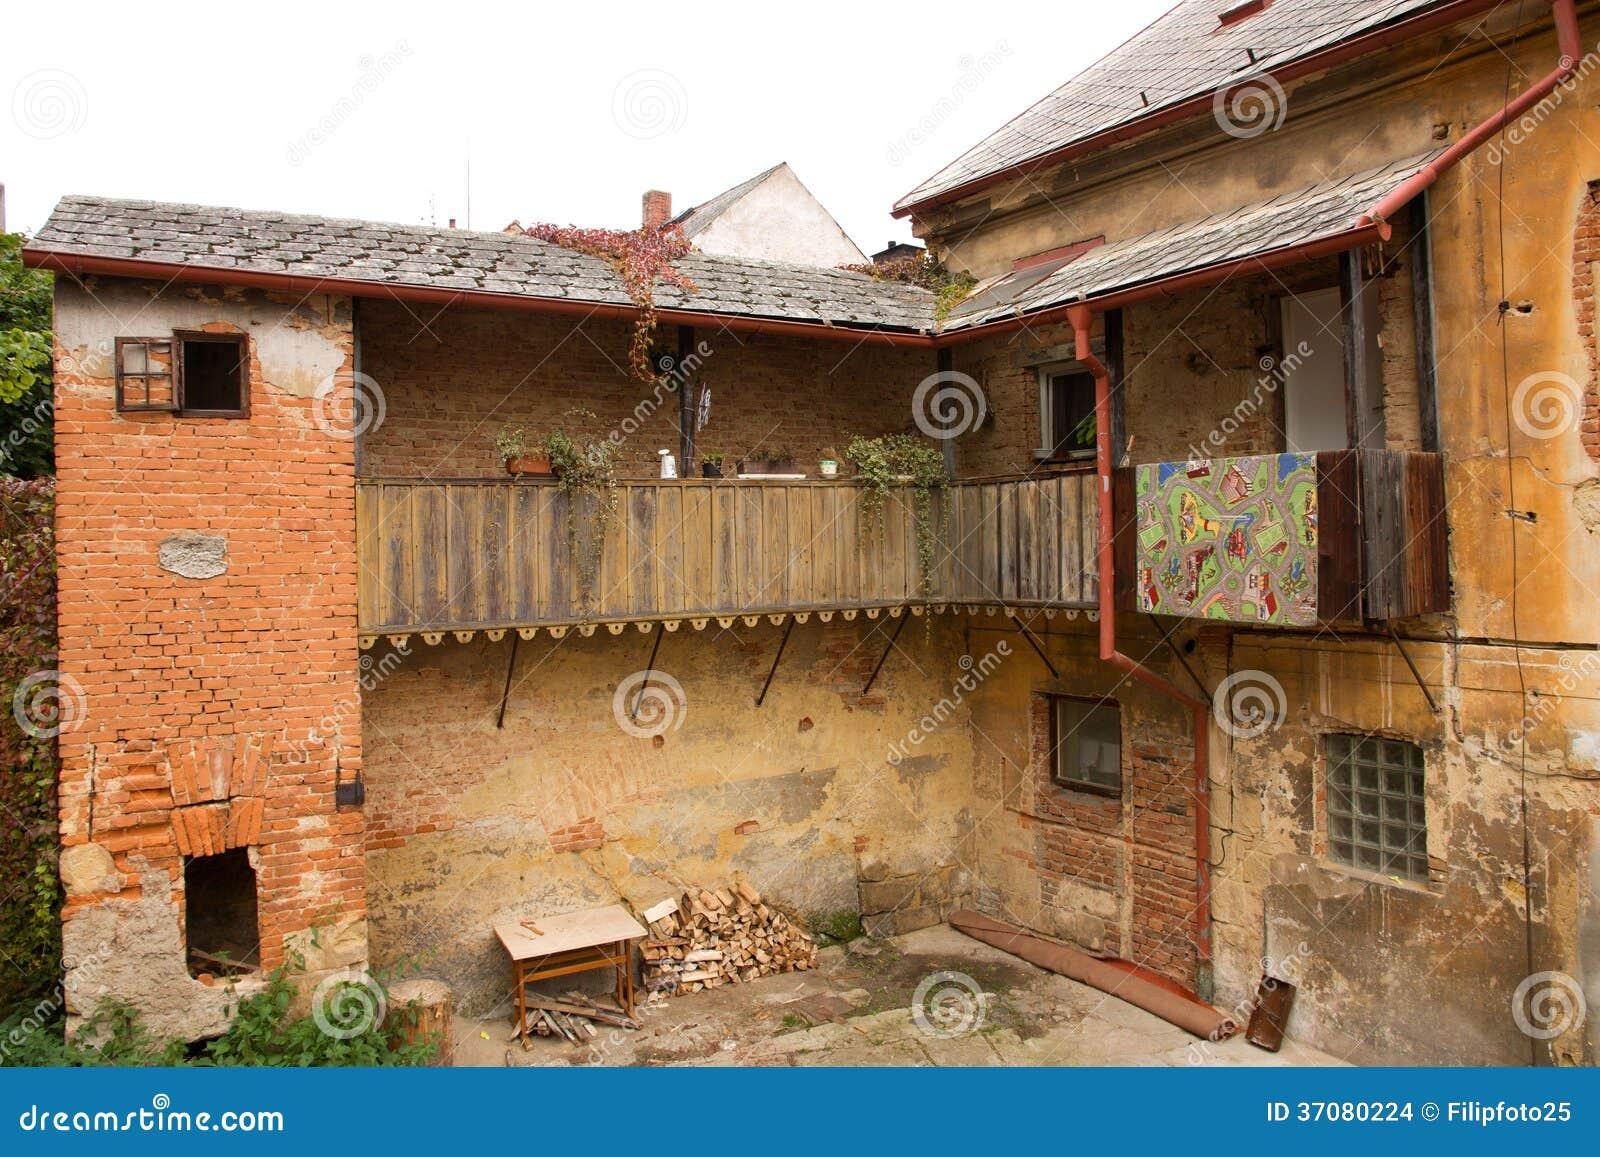 Download Stary dom zdjęcie stock. Obraz złożonej z architektury - 37080224